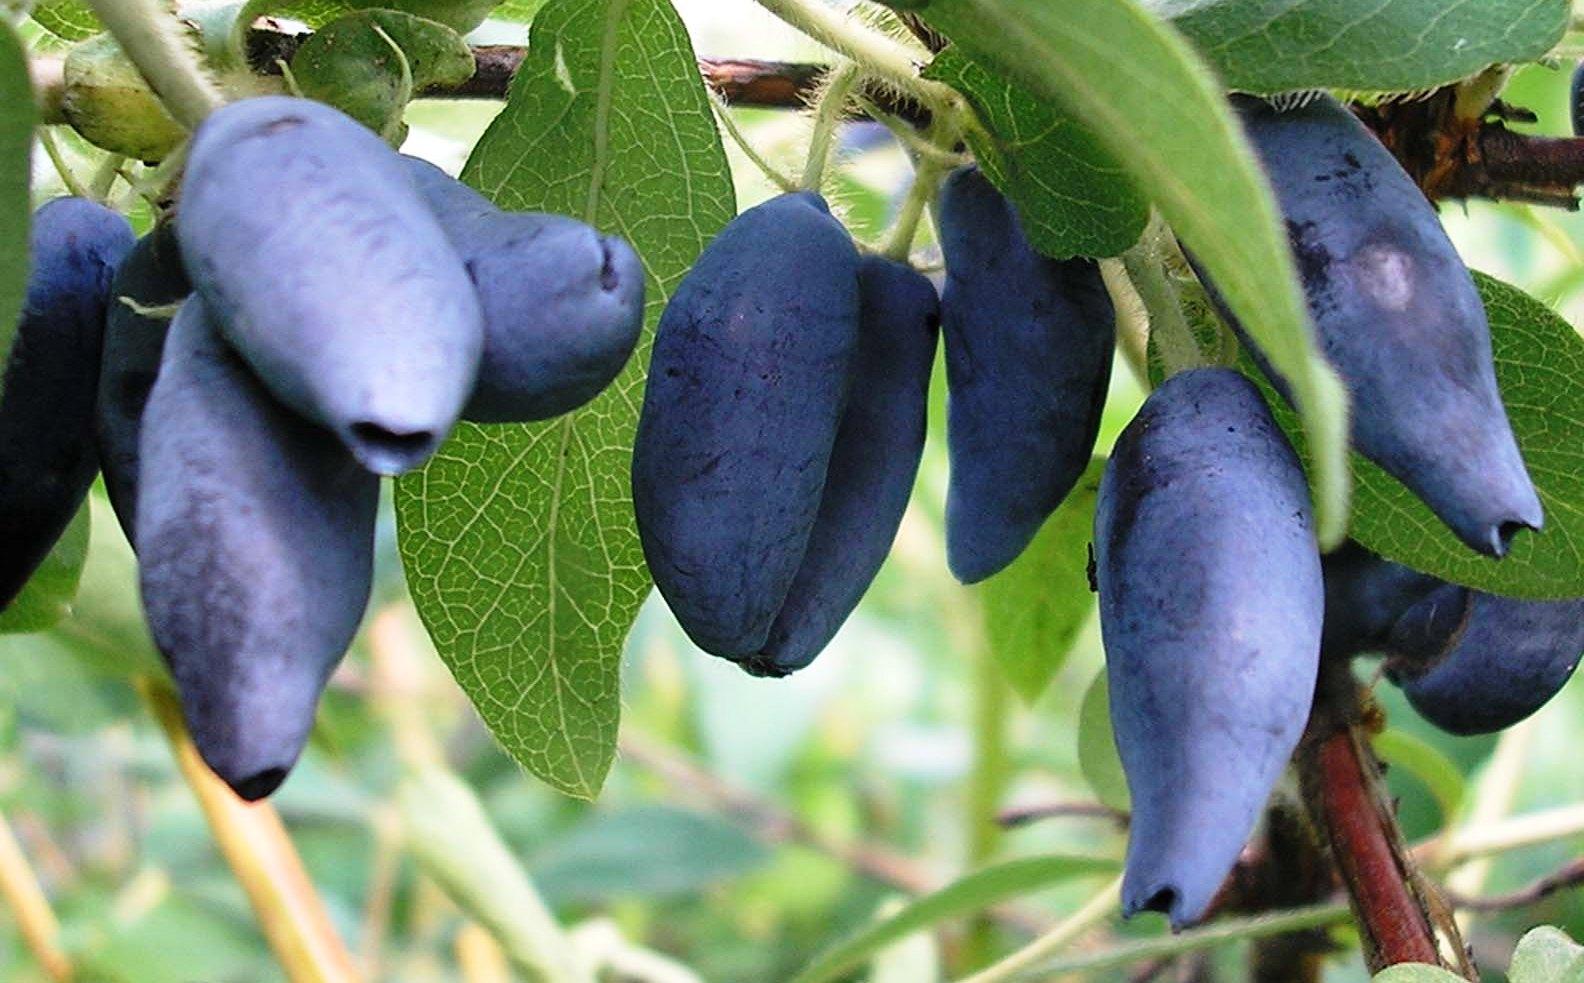 Gyümölcstermő sövénynövények - kék mézbogyó,fekete berkenye, japán som